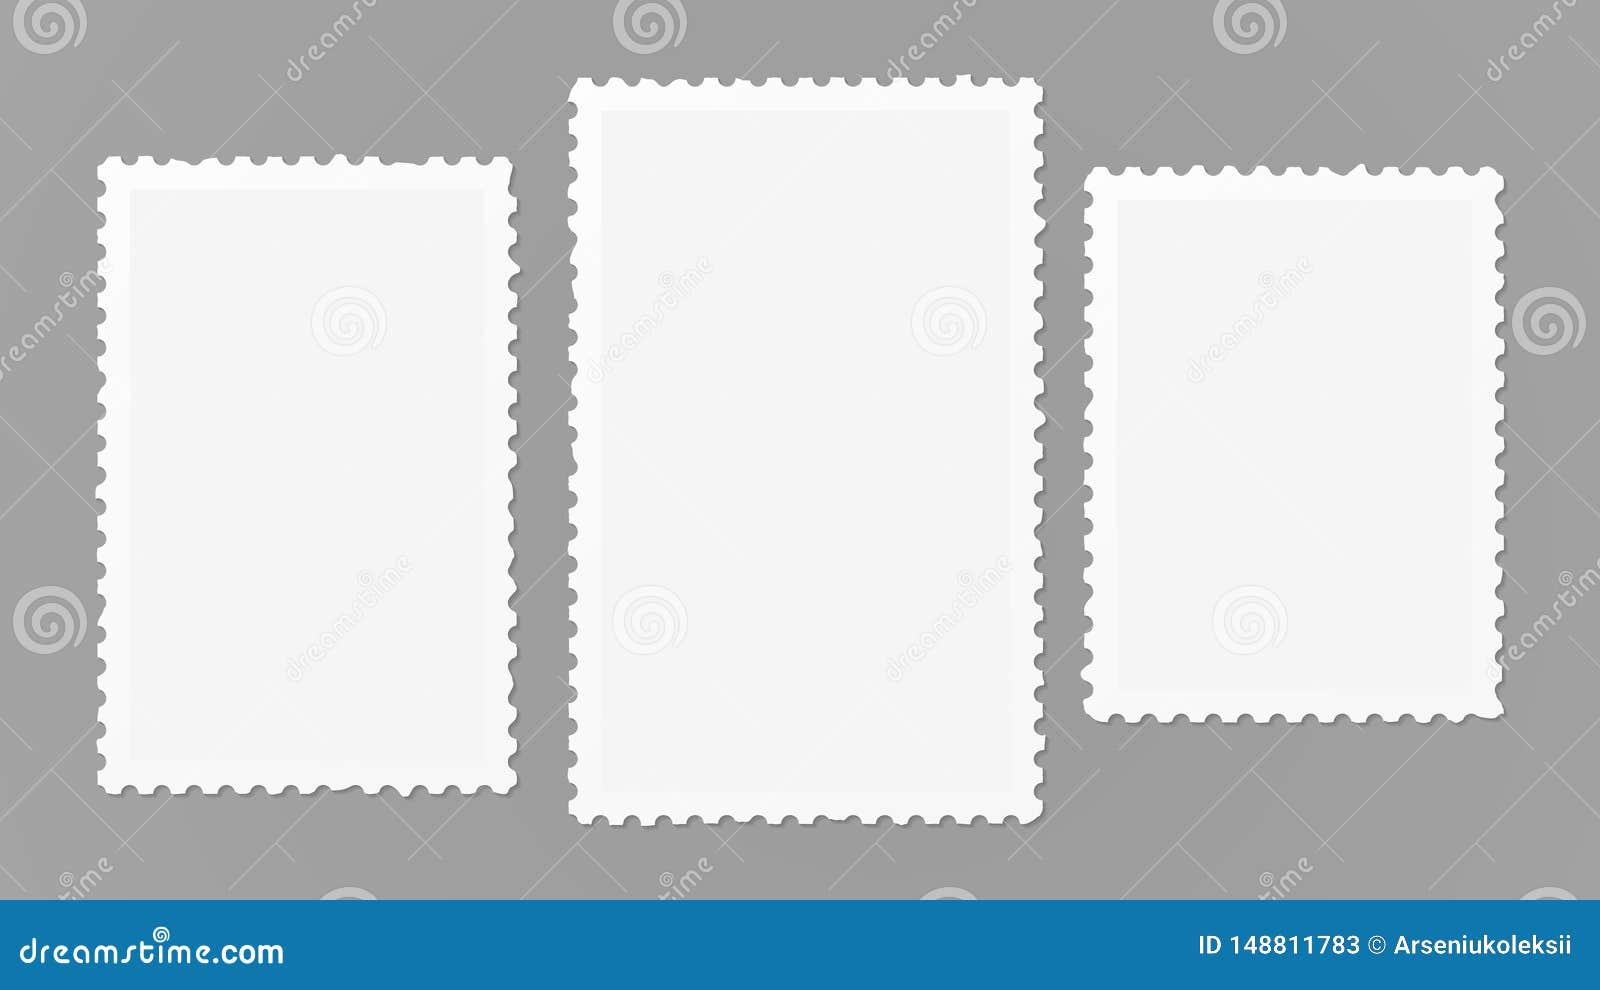 Obdarci znaczki pocztowi